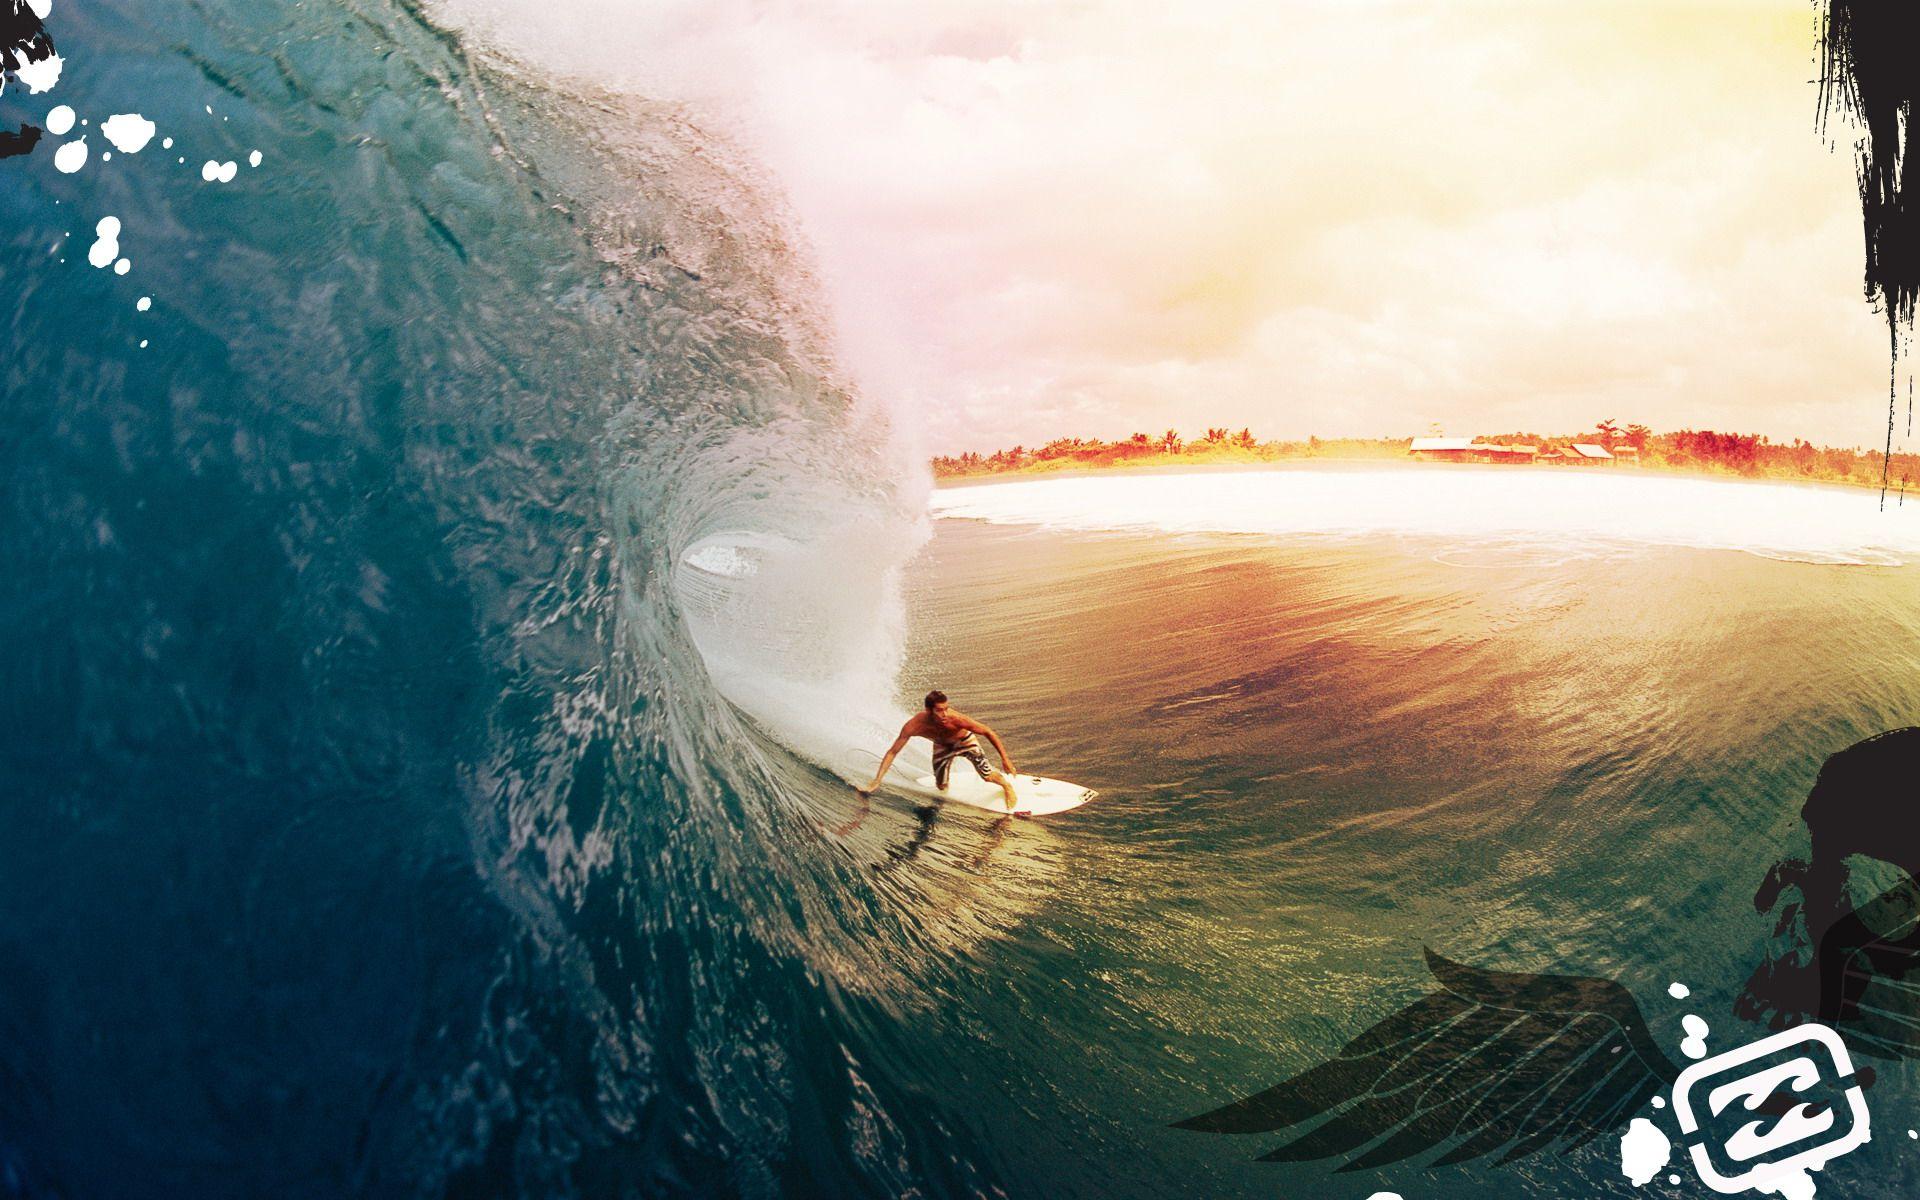 Billabong Surfing wallpaper 211368 1920x1200